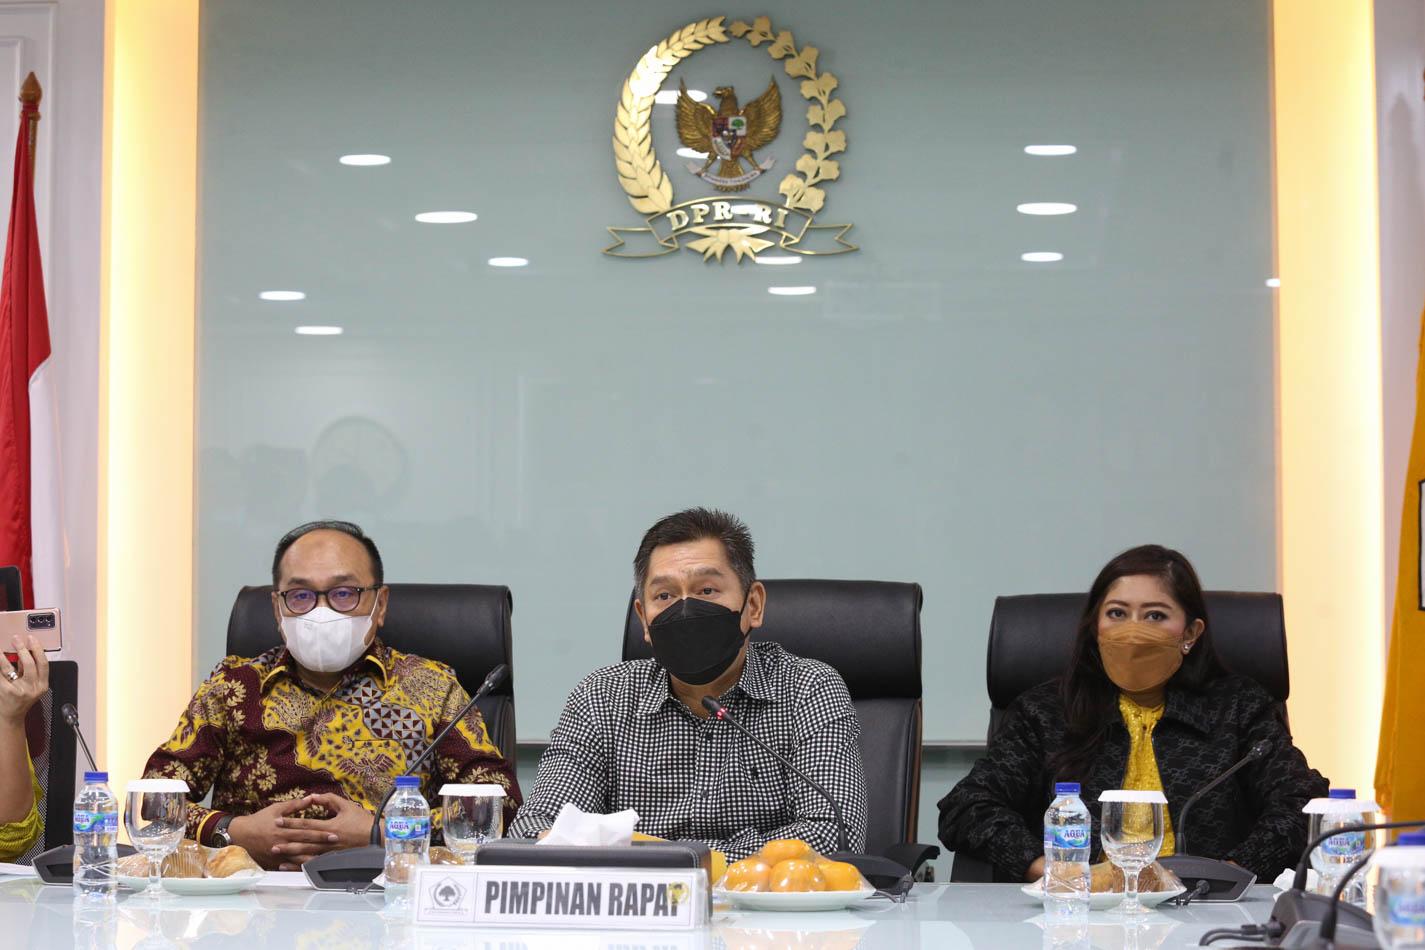 Fraksi Golkar DPR Tanggapi Pengunduran Diri Azis Syamsuddin sebagai Wakil Ketua DPR